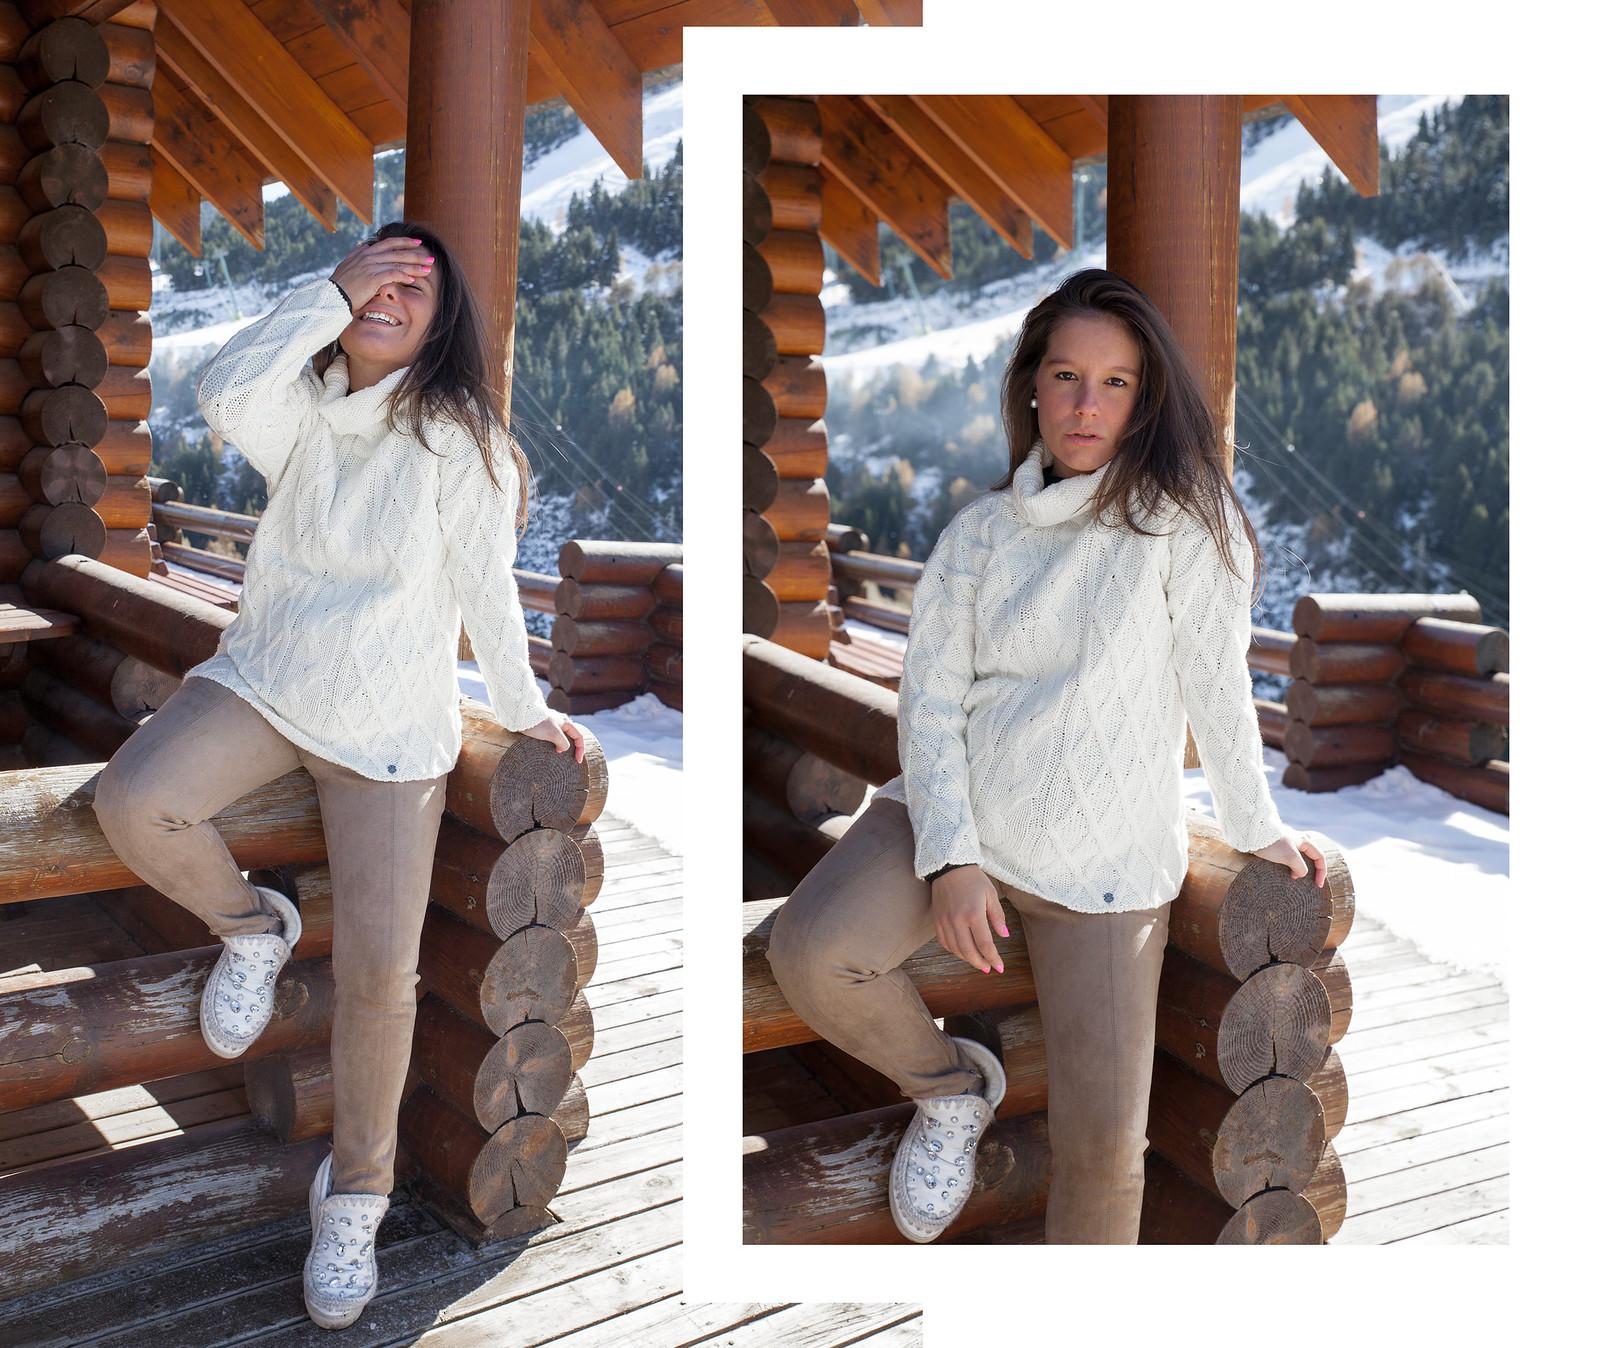 08_5_claves_para_un_look_apres_ski_tendencia_invierno_outfit_embarazada_comodo_nieve_theguestgirl_laura_santolaria_jersey_trenzado_ruga_hpreppy